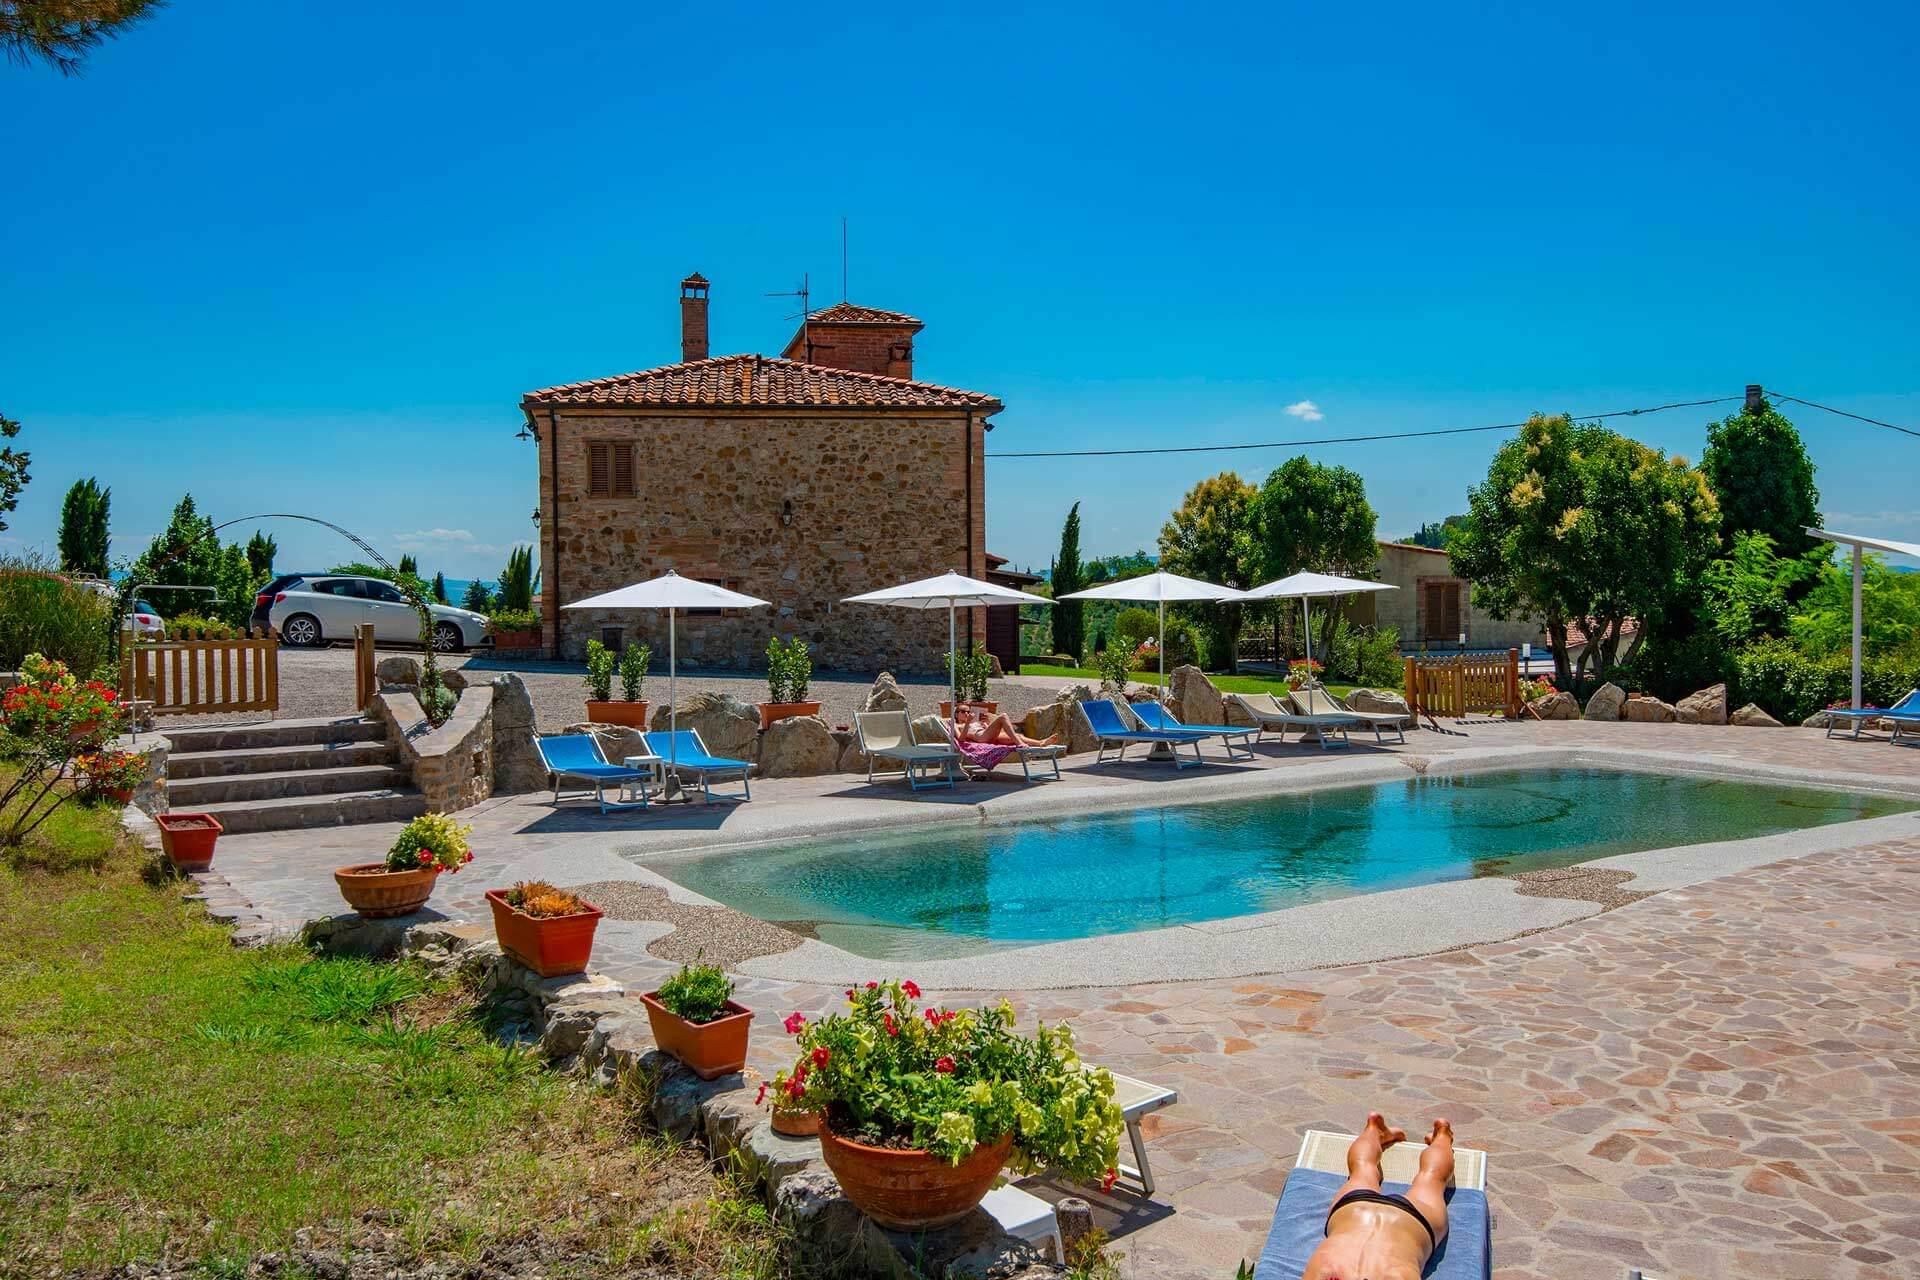 ferienhaus toskana ferienhaus mit pool in der toskana ferienhaus pool toskana italien. Black Bedroom Furniture Sets. Home Design Ideas